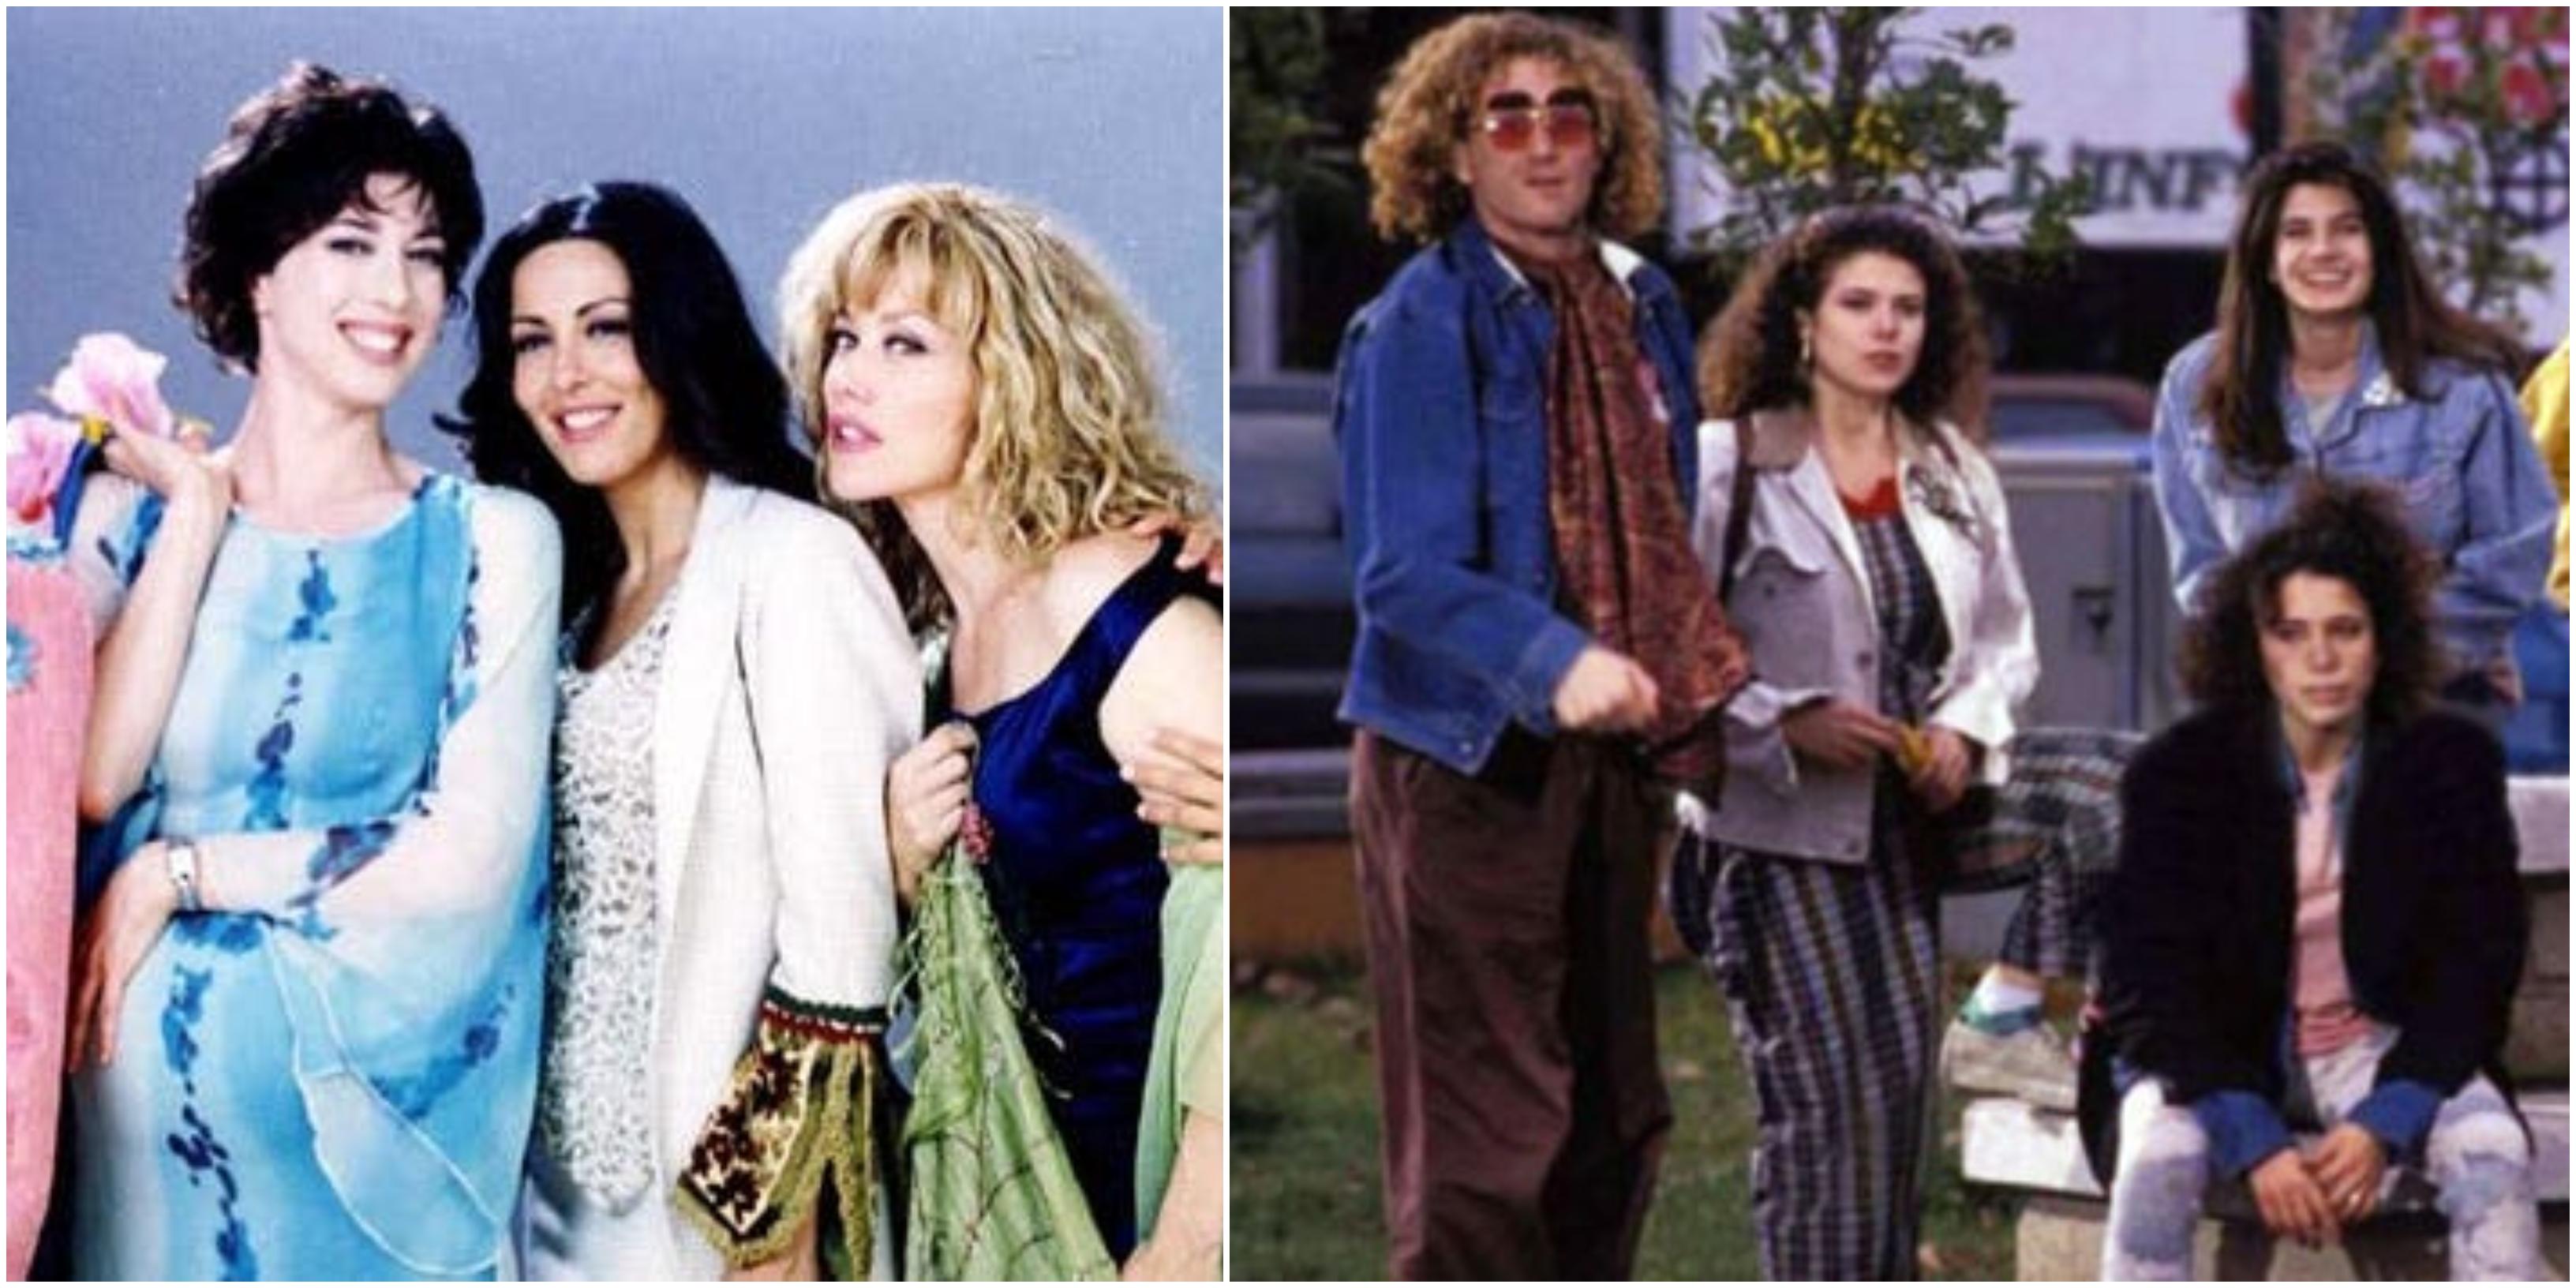 I ragazzi del muretto, Commesse, Incantesimo: ecco dove rivedere alcune delle serie cult di fine anni '90